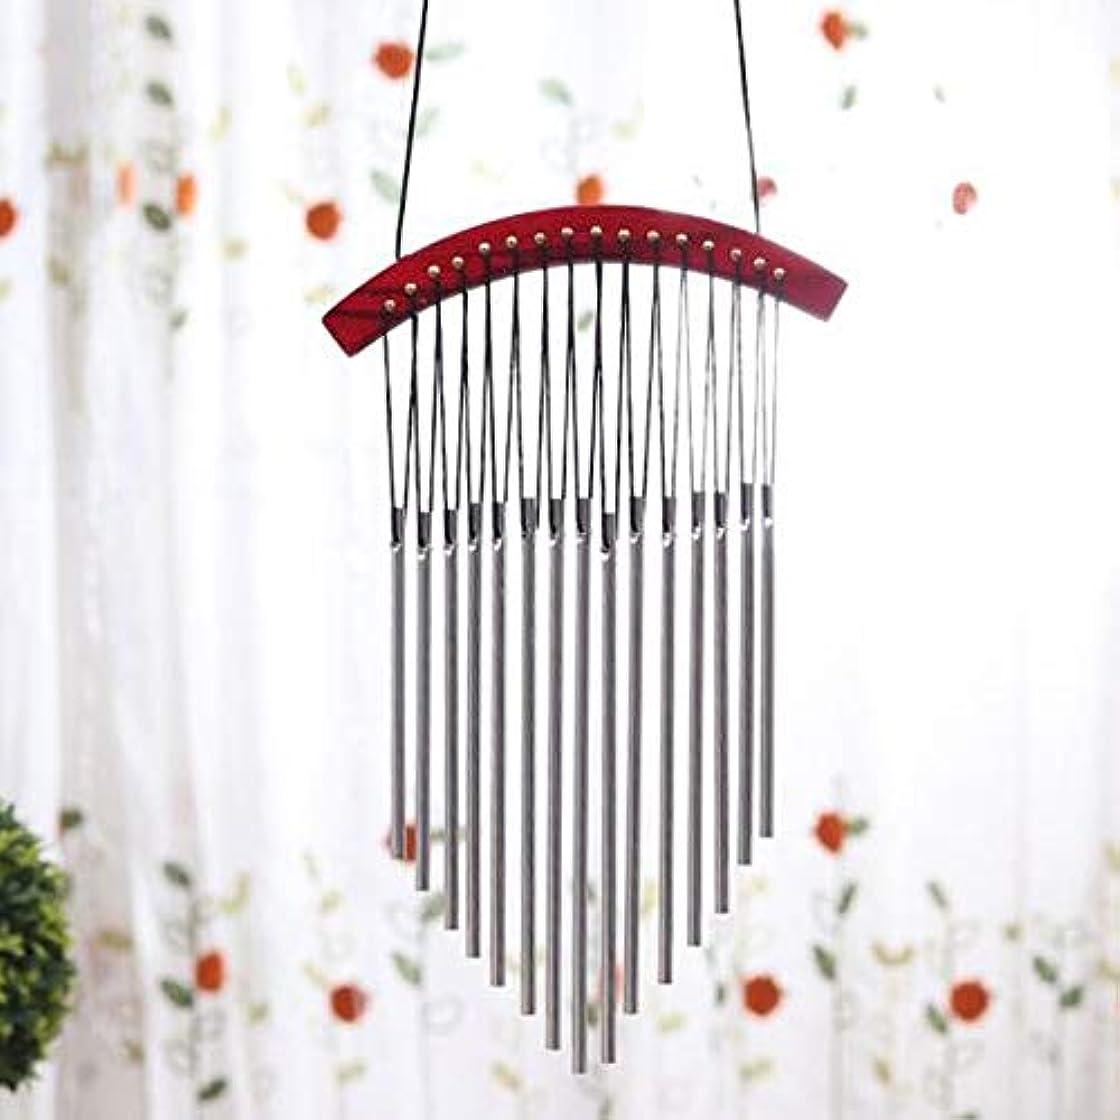 代表してガチョウハンディYougou01 風チャイム、木製メタルクリエイティブ風の鐘、赤、全身について45CM 、創造的な装飾 (Color : B)